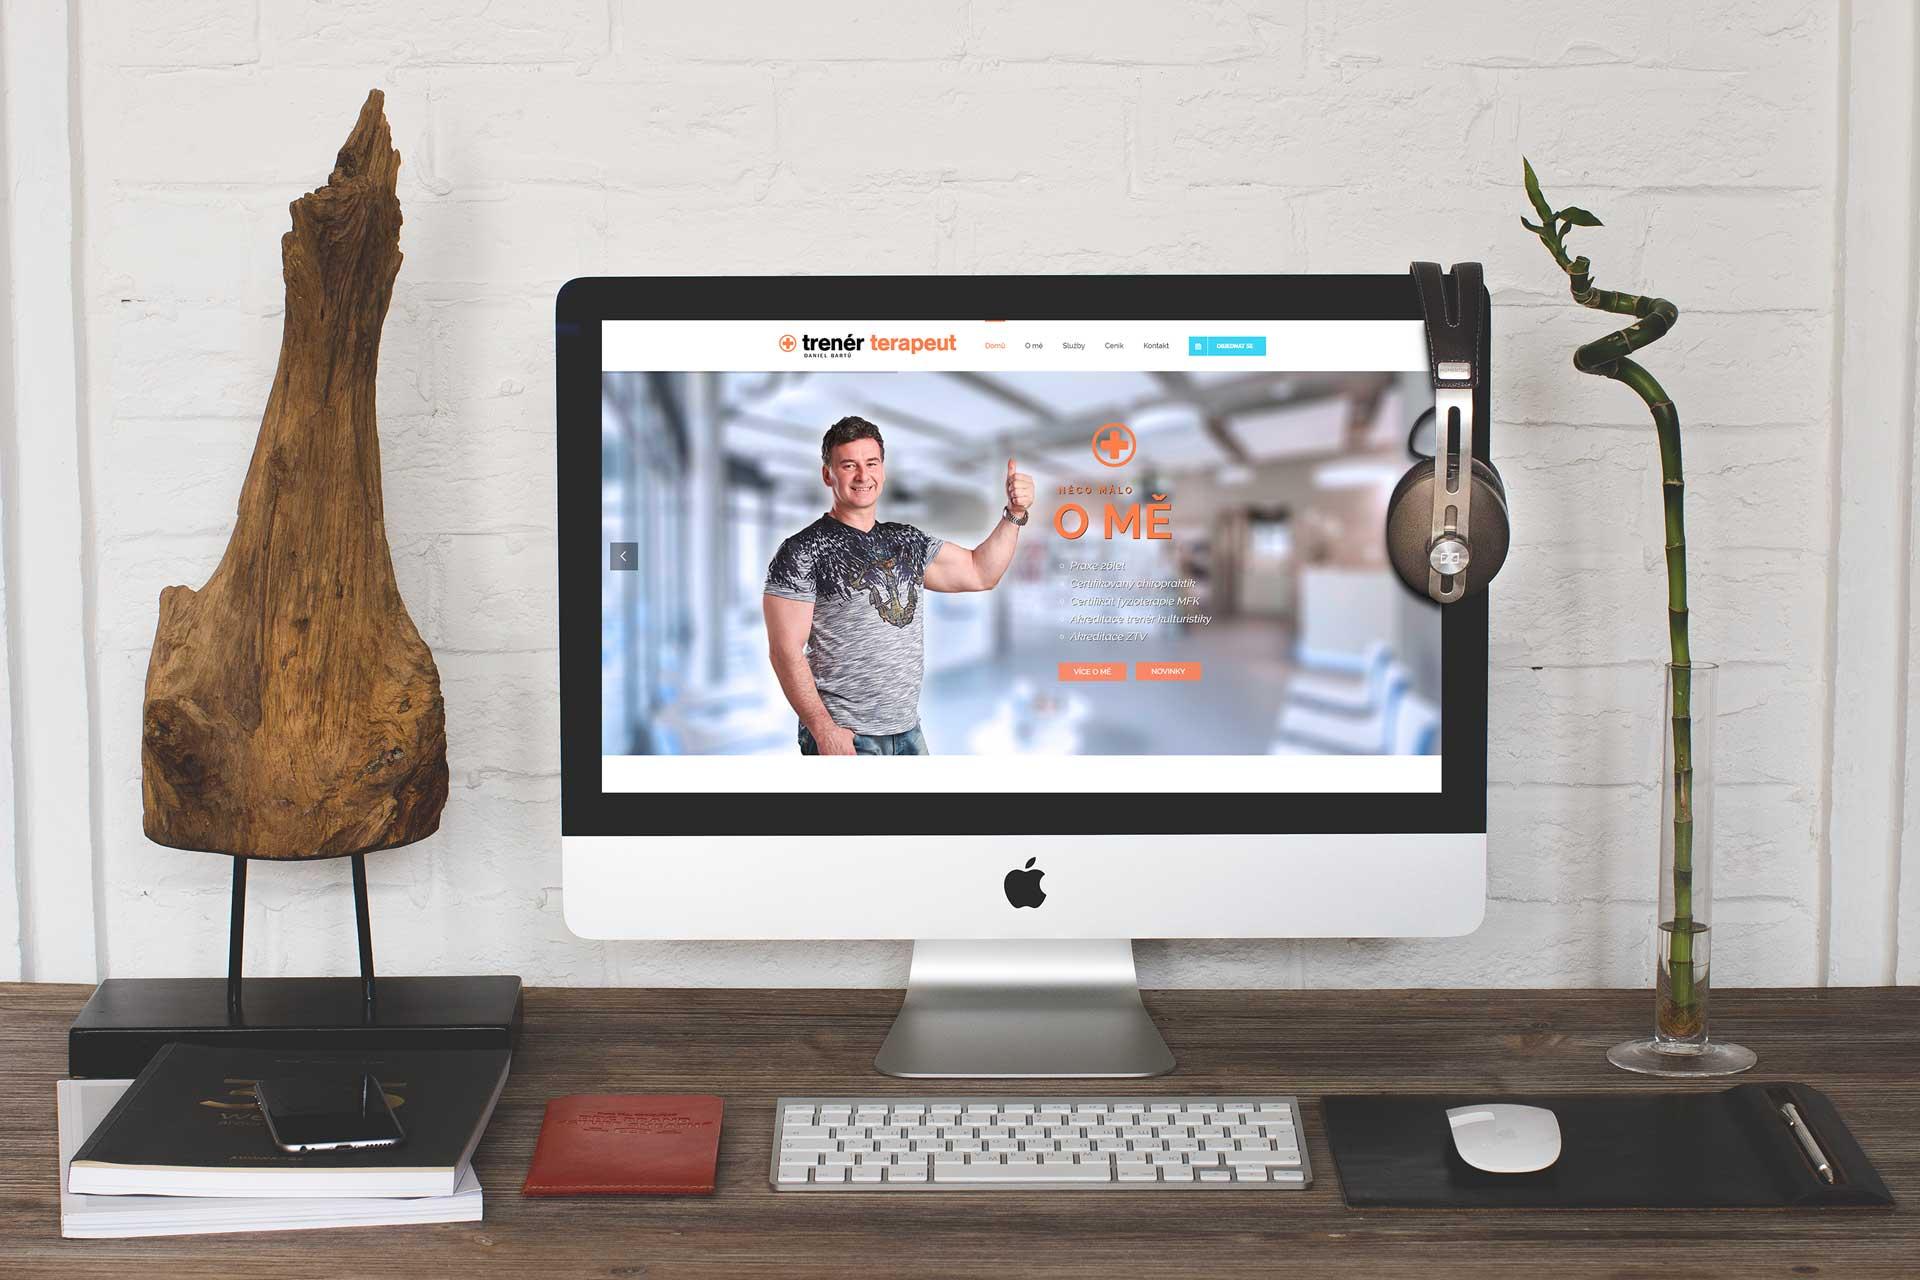 Zobrazení reference webové stránky trenerterapeut na počítači. Grafika na míru.